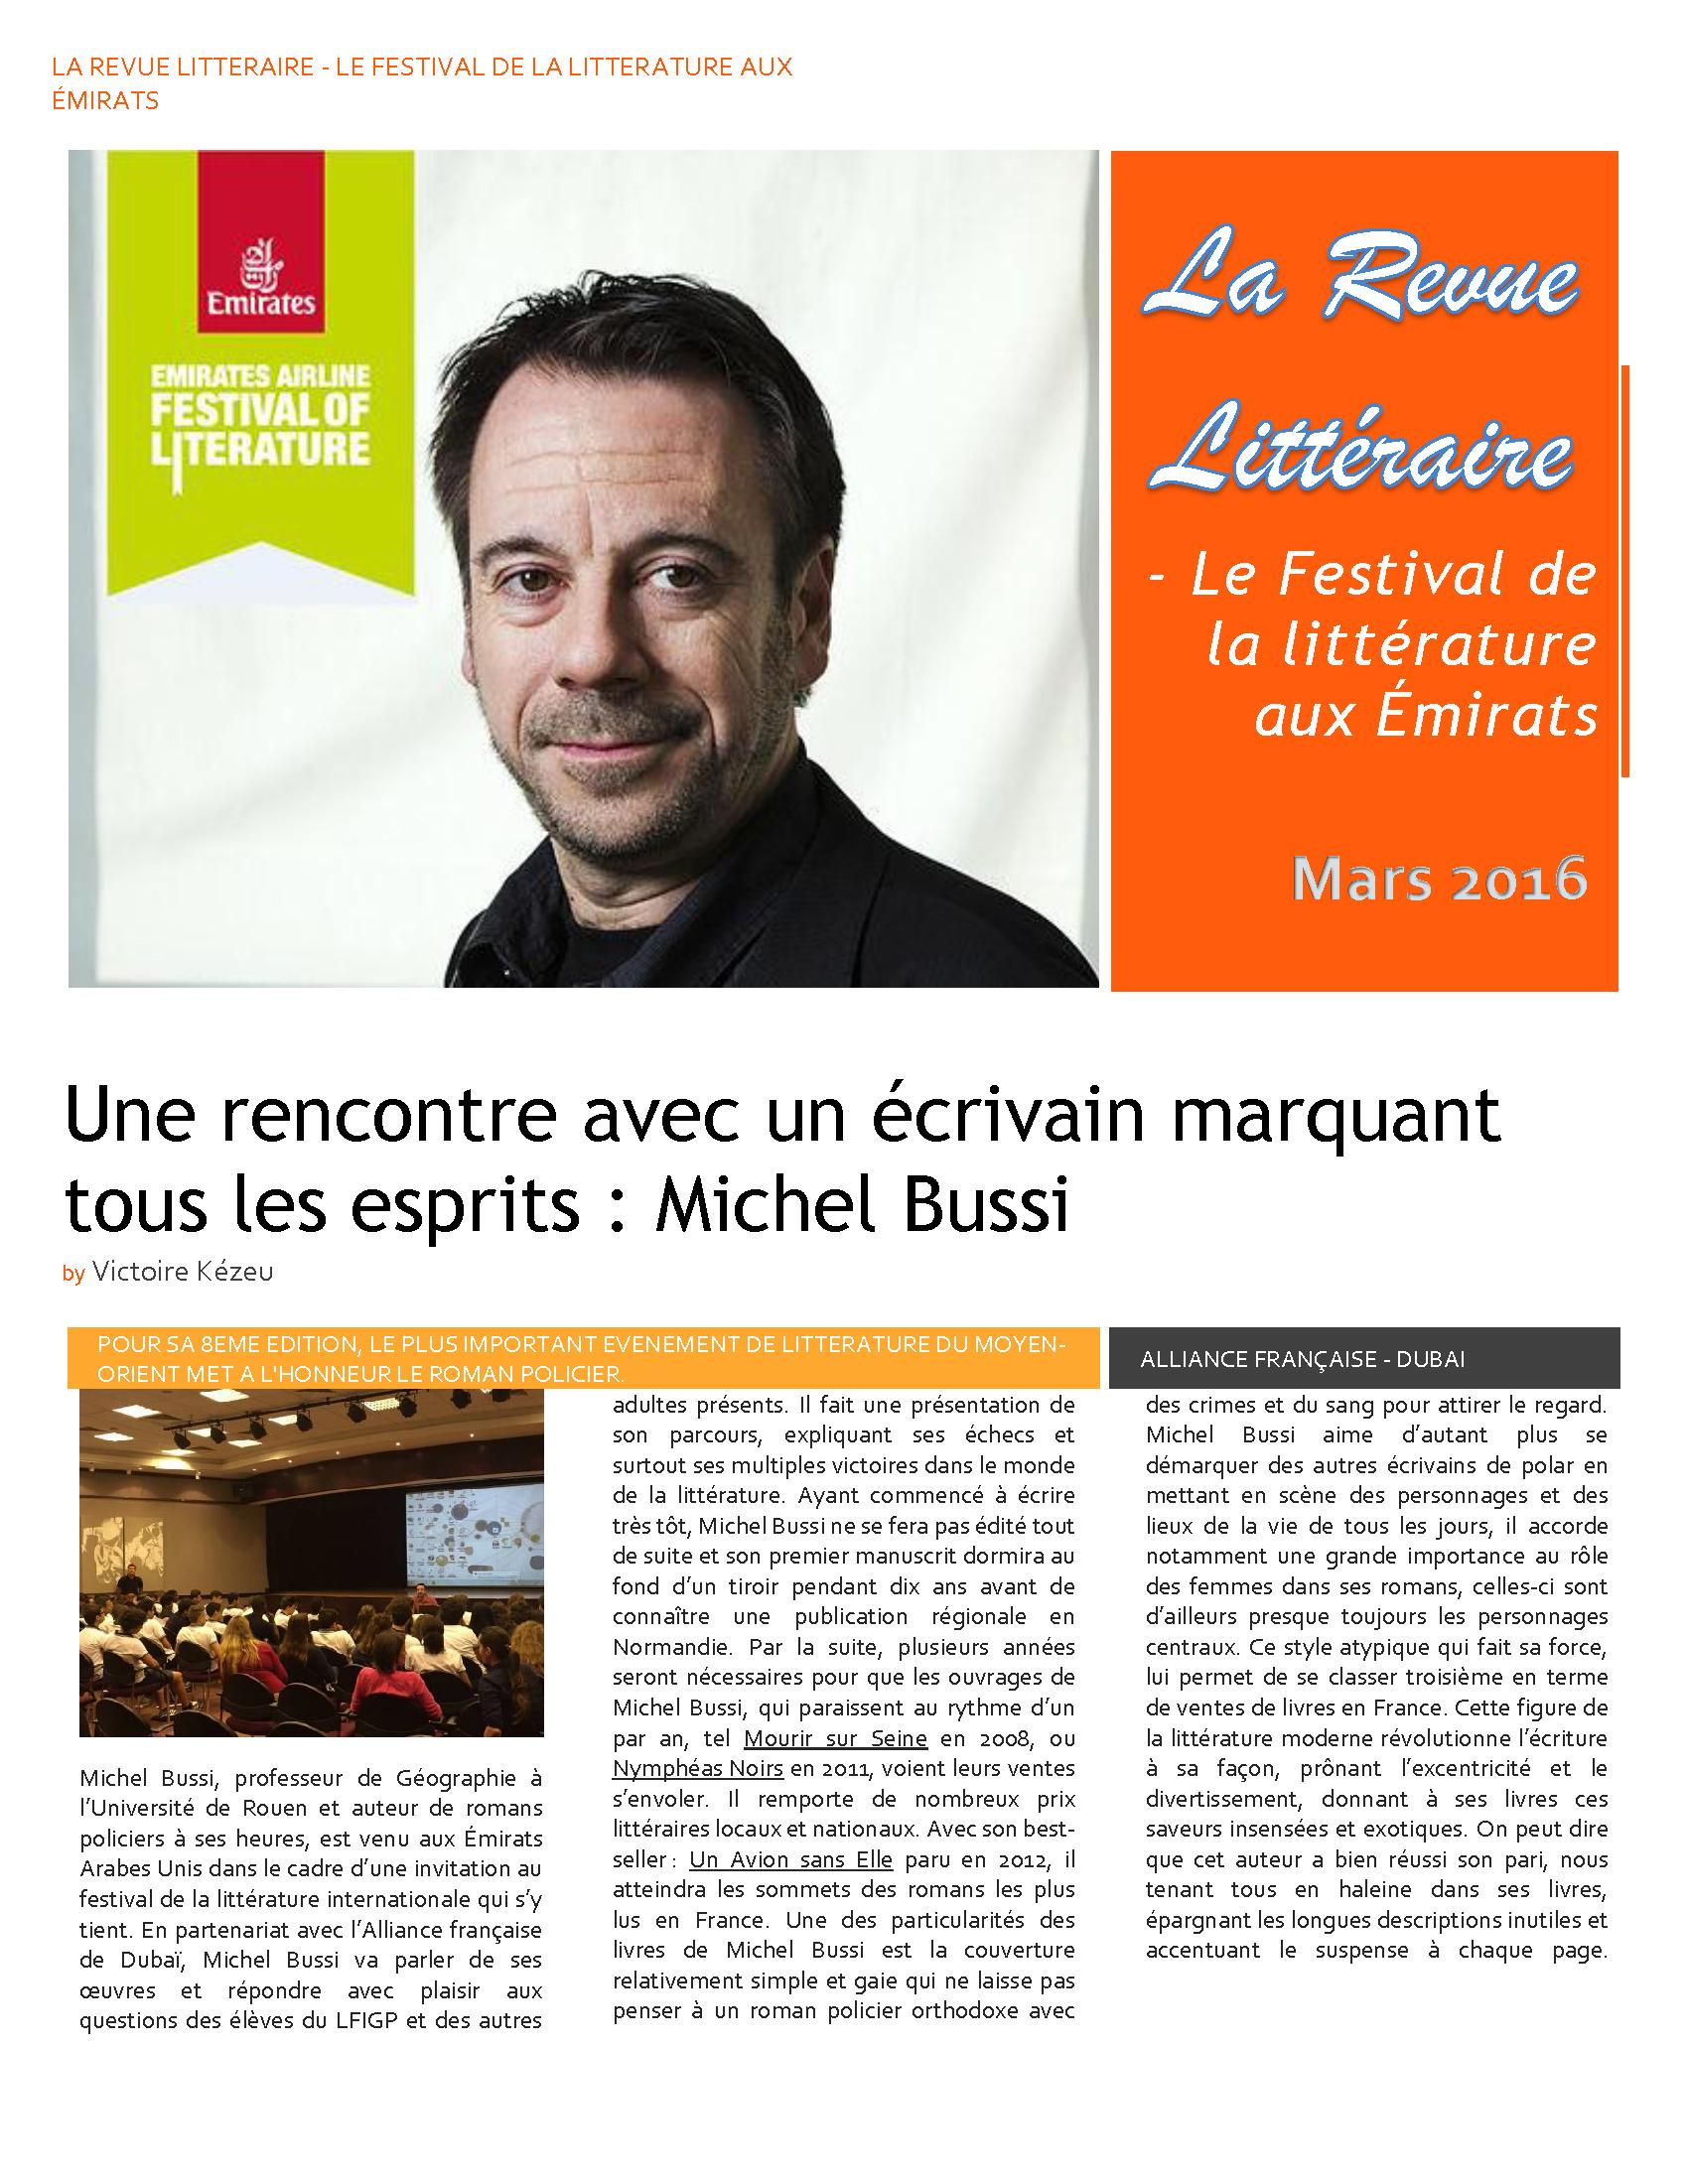 Article - Michel Bussi - Frédérique Trillard